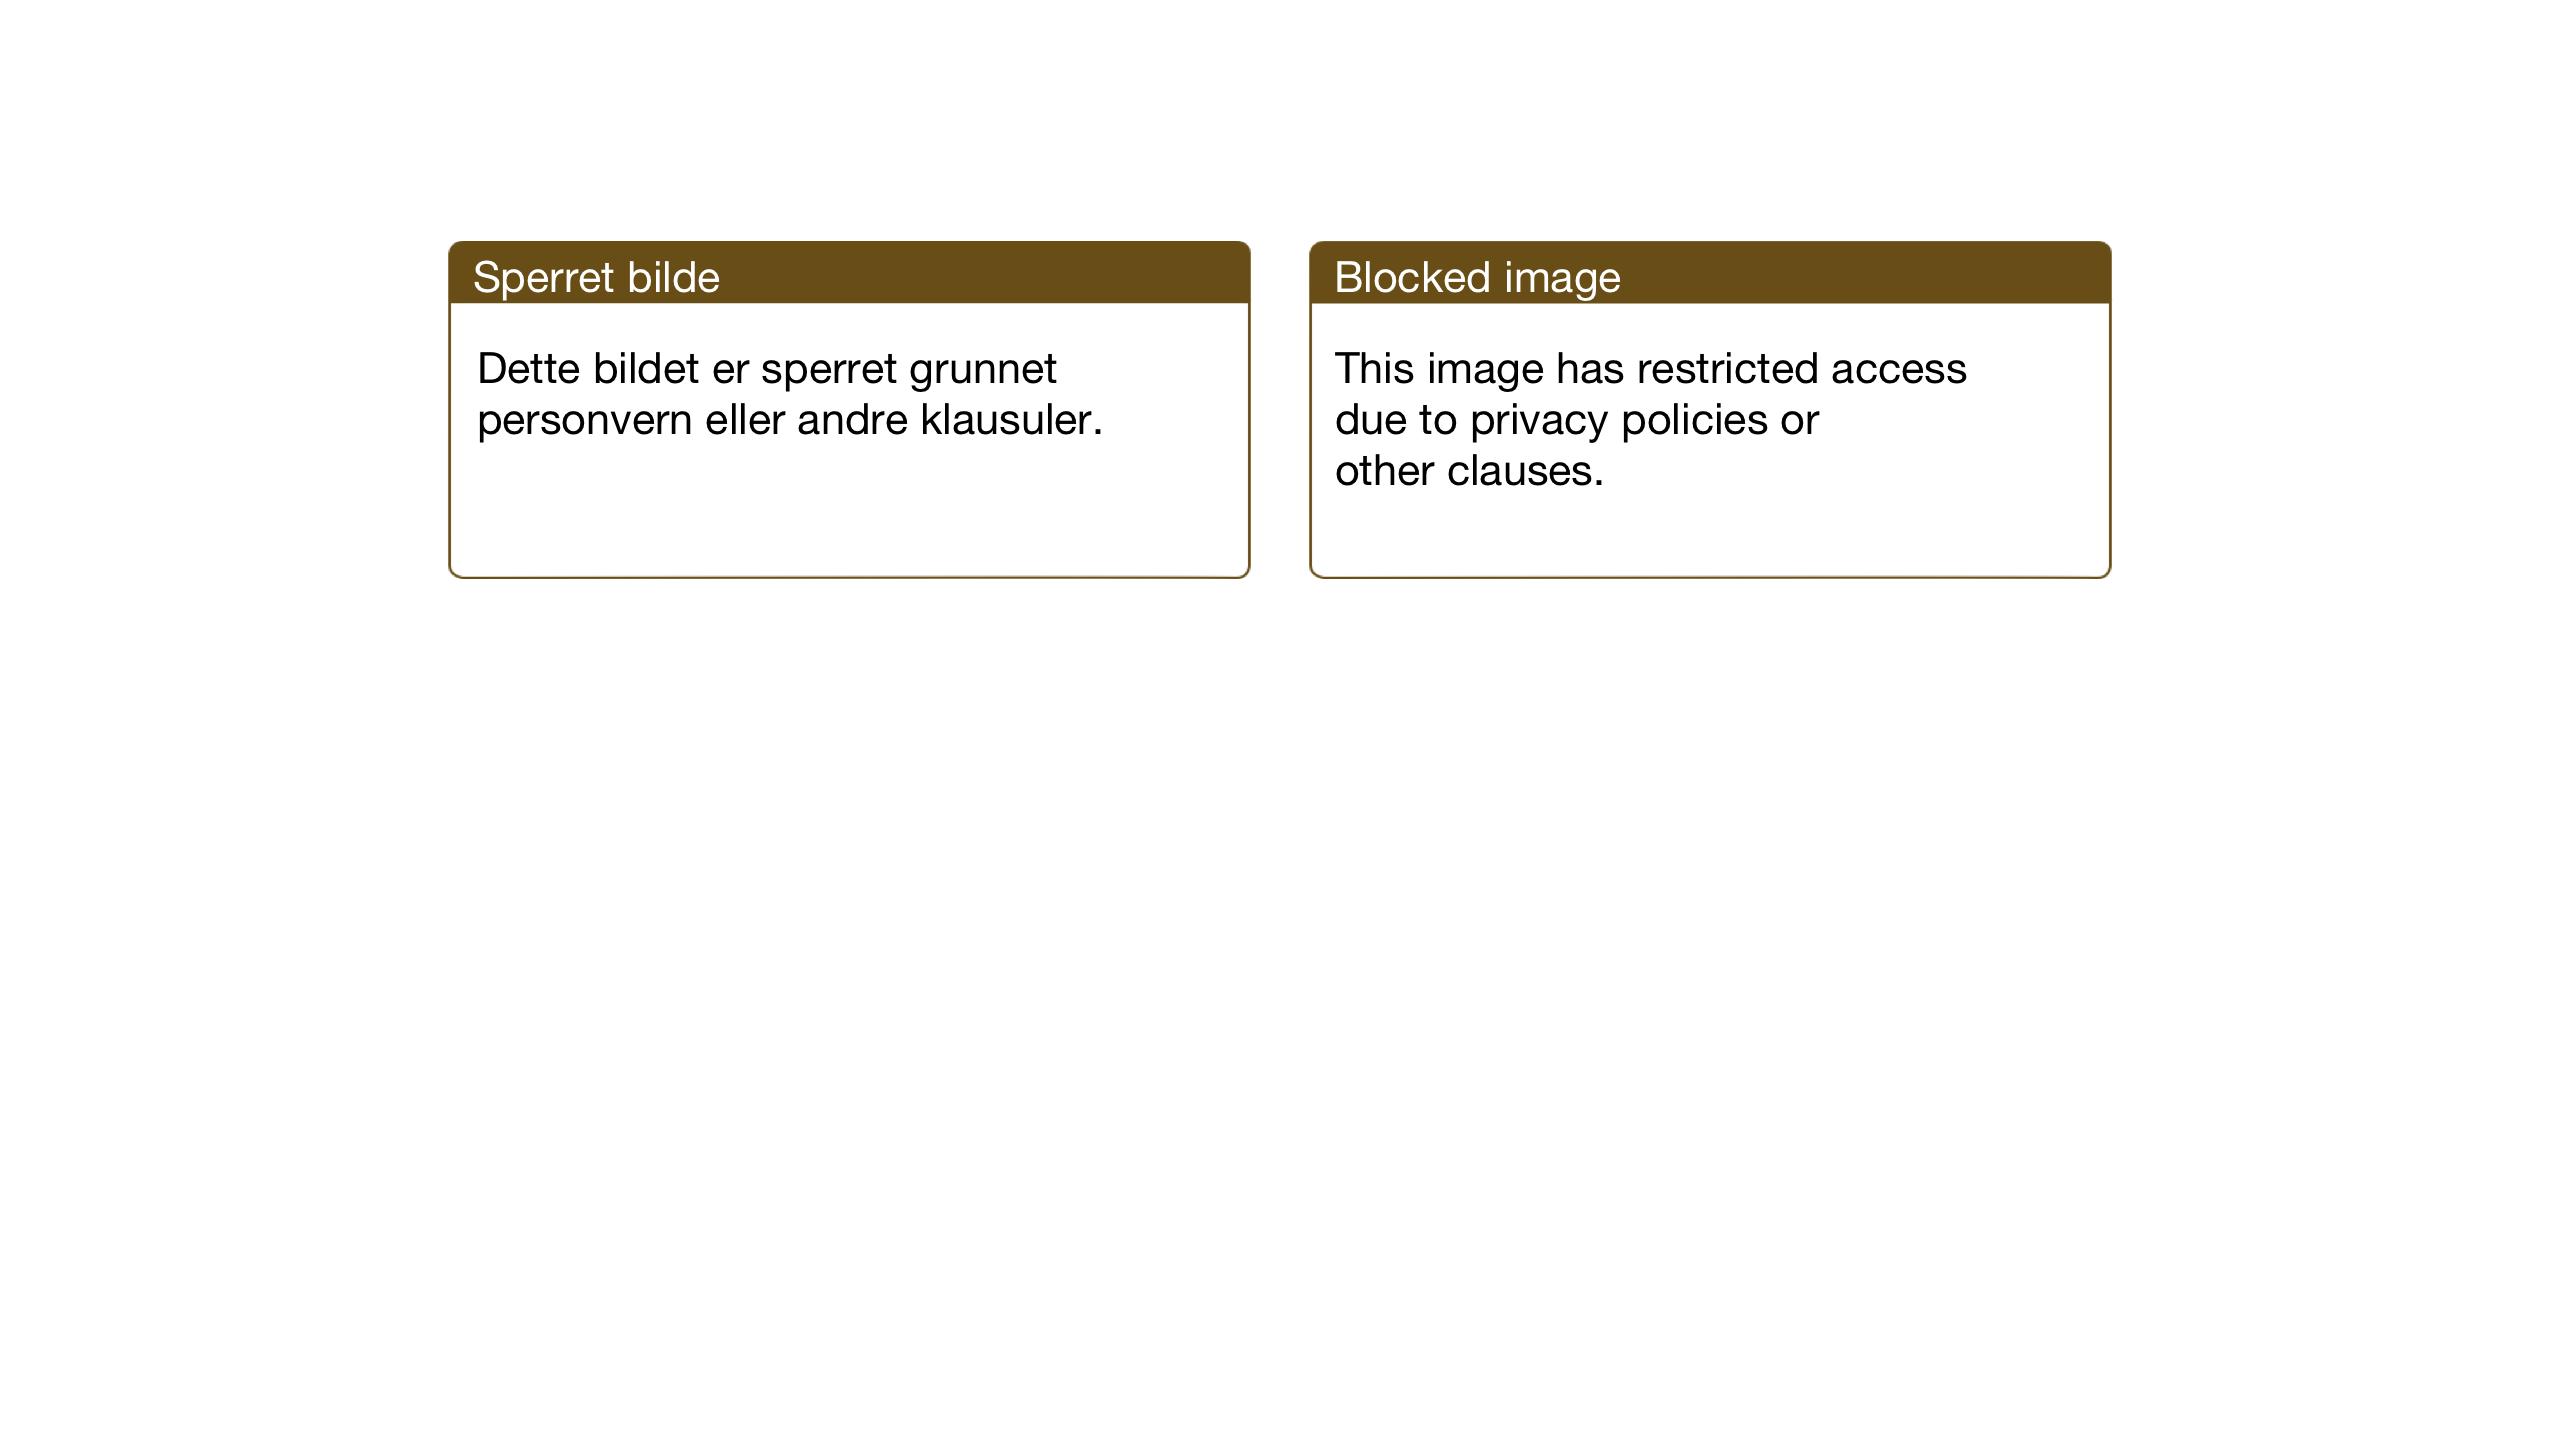 SAT, Ministerialprotokoller, klokkerbøker og fødselsregistre - Sør-Trøndelag, 674/L0877: Klokkerbok nr. 674C04, 1913-1940, s. 81